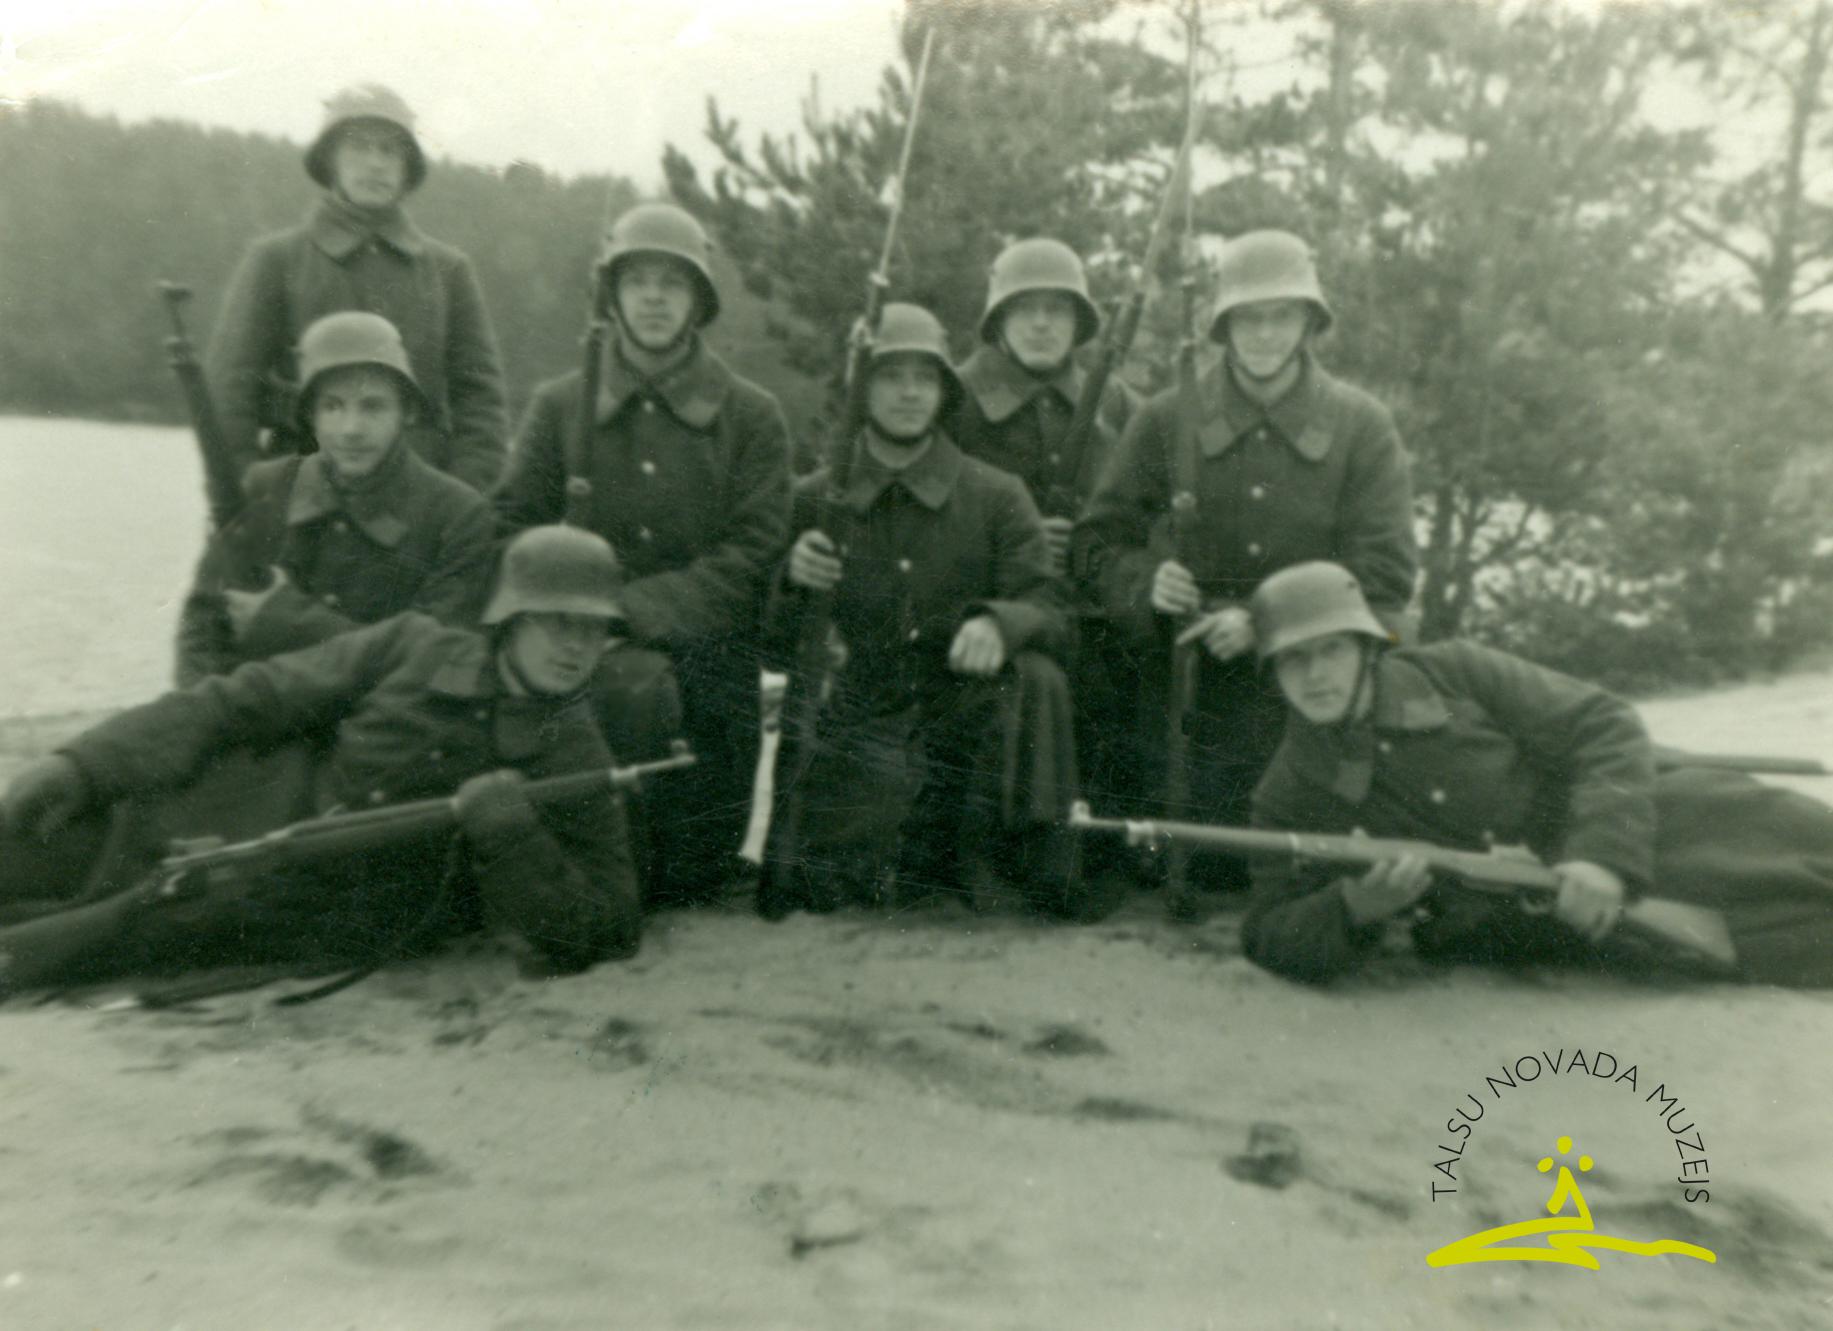 Brīvprātīgie leģionāri austrumu frontē ap 1943. gadu. 1. no labās Kārlis Tigulis